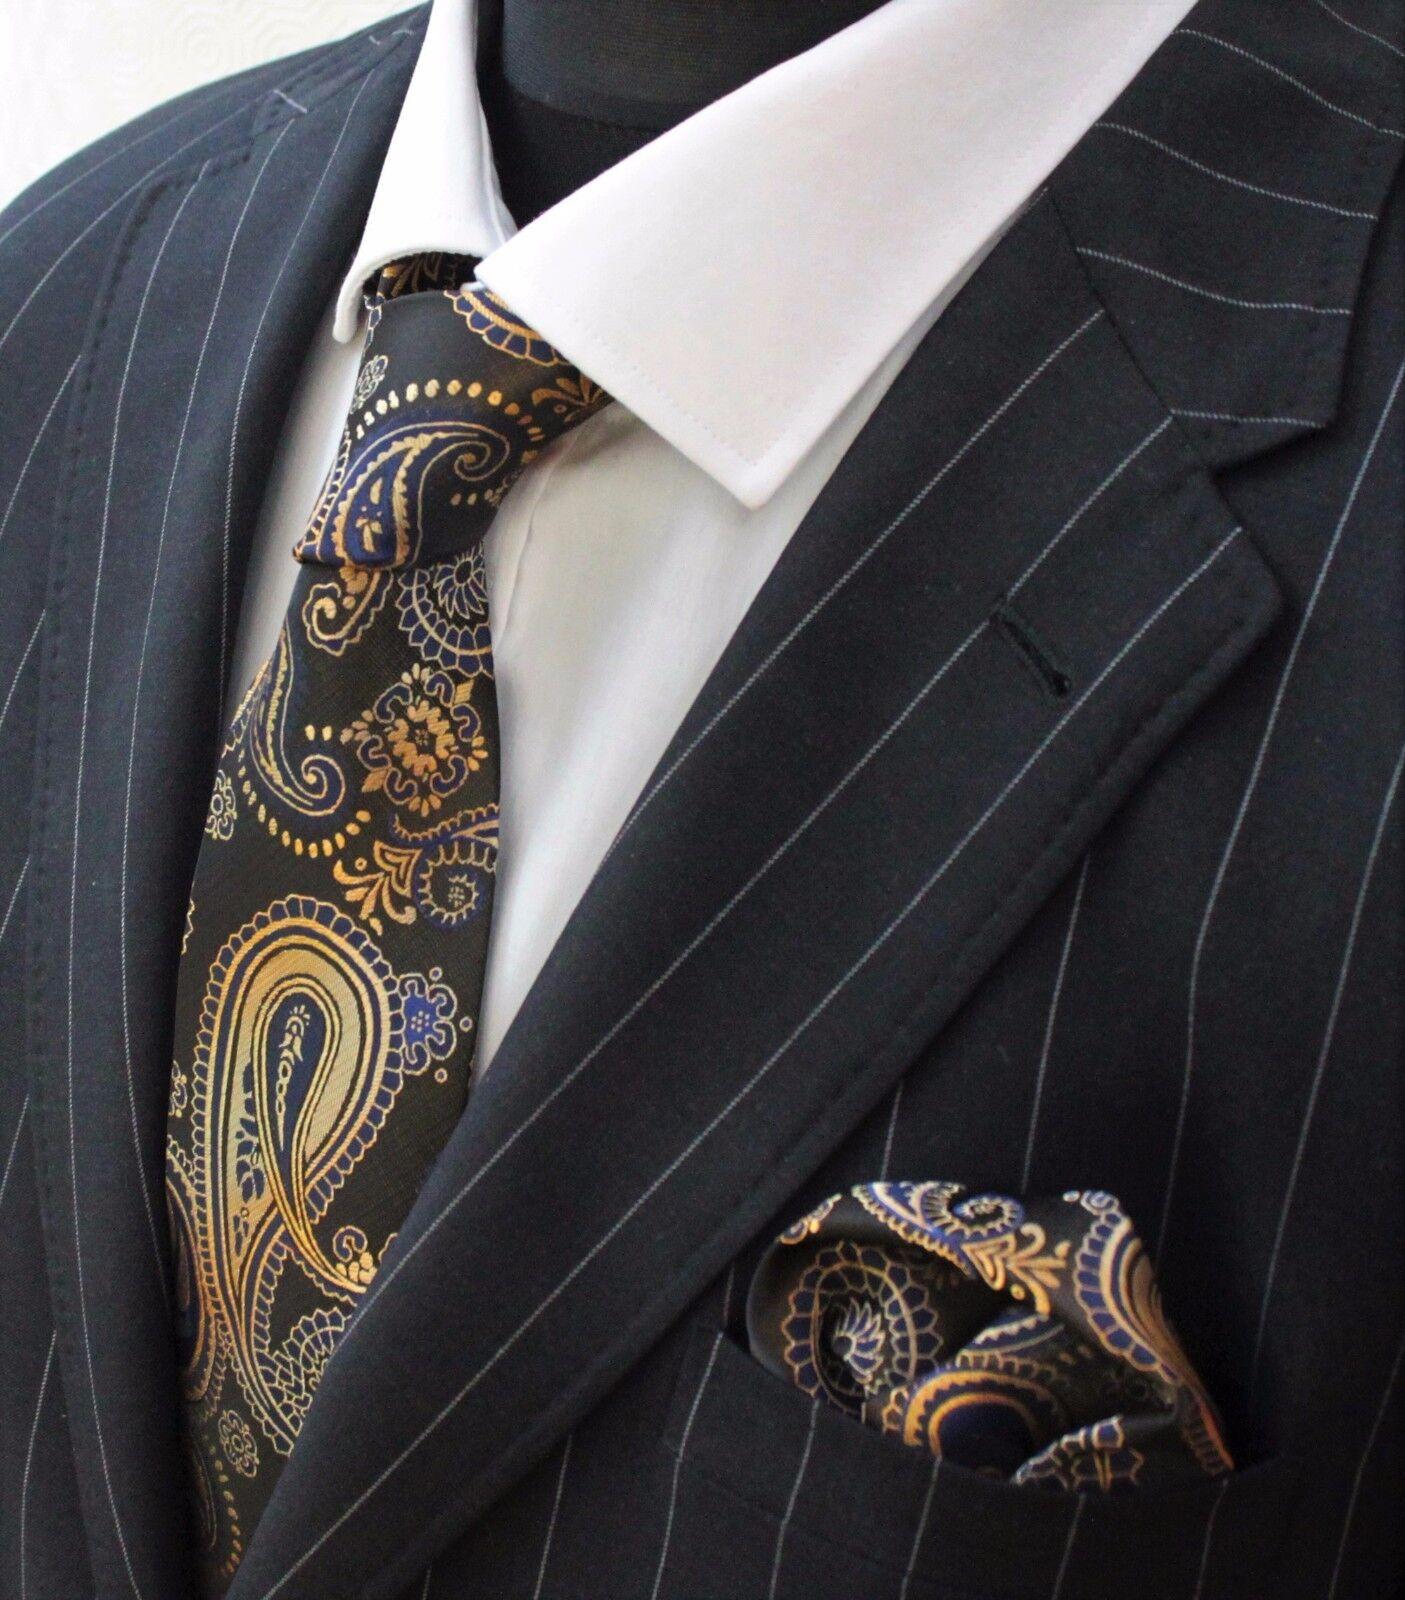 Men's Tie & Handkerchief Set Gold & Blue Paisley LUC163